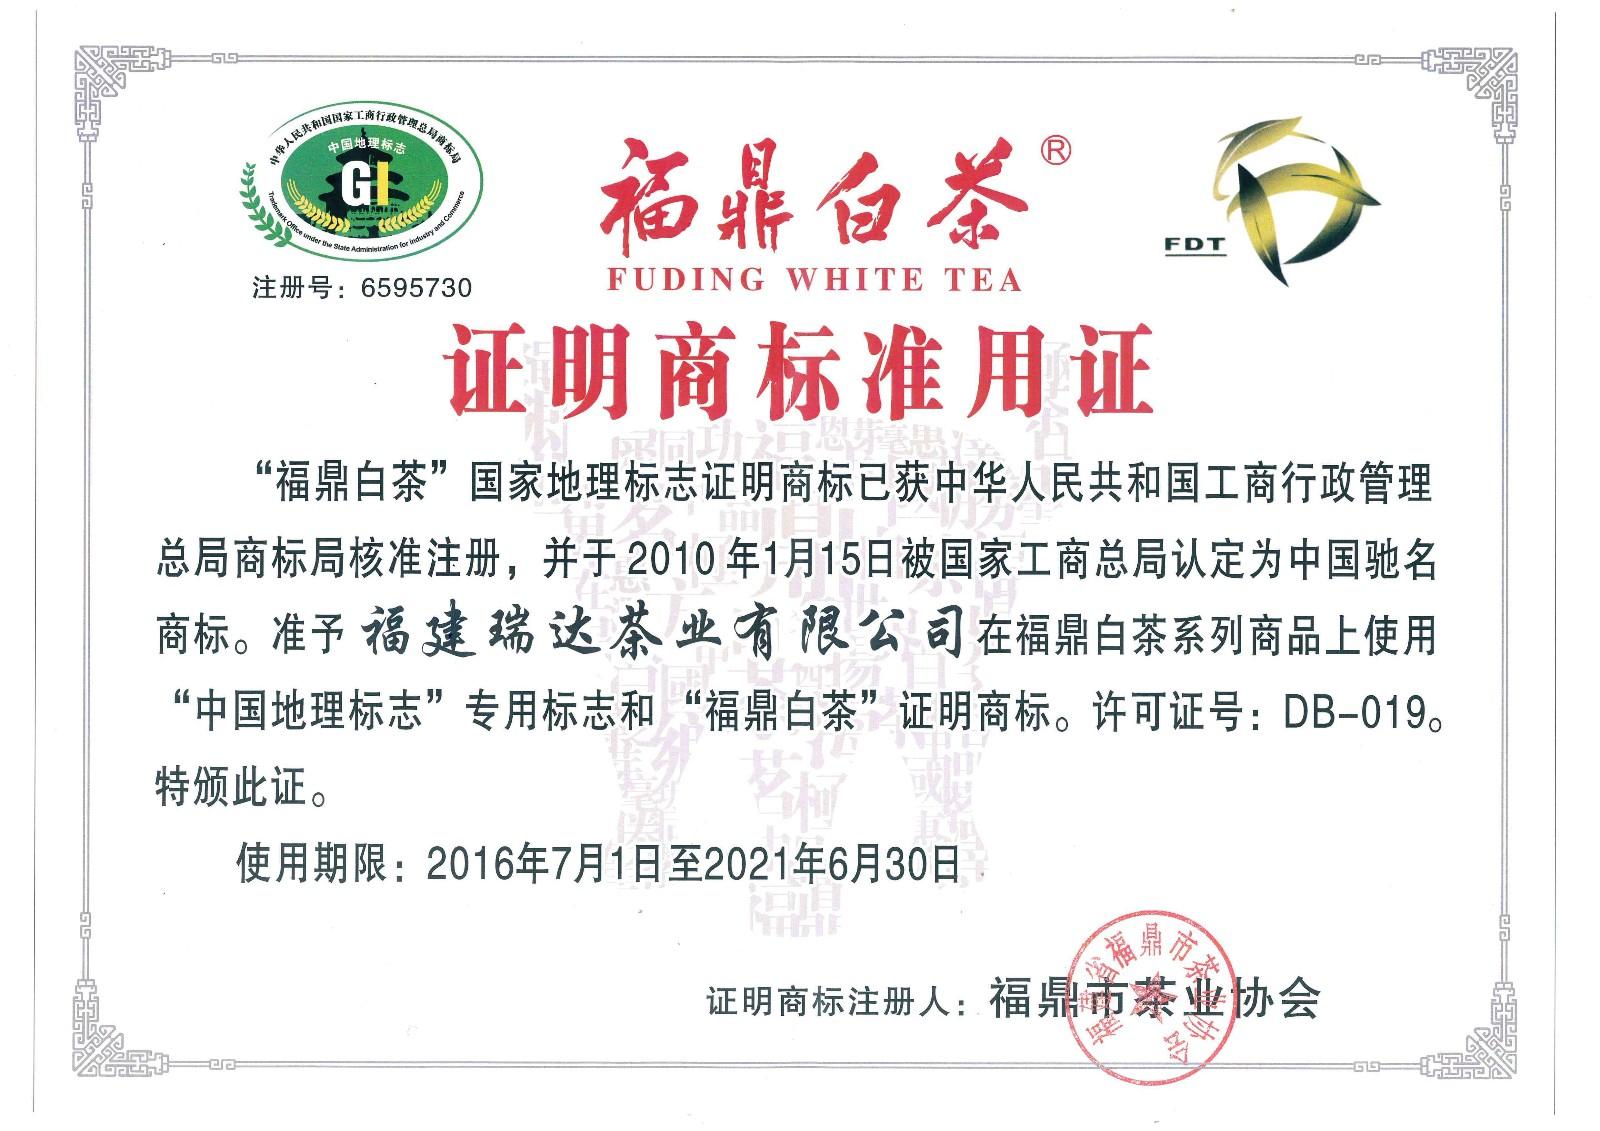 乐虎国际游戏注册商标准用★证.jpg